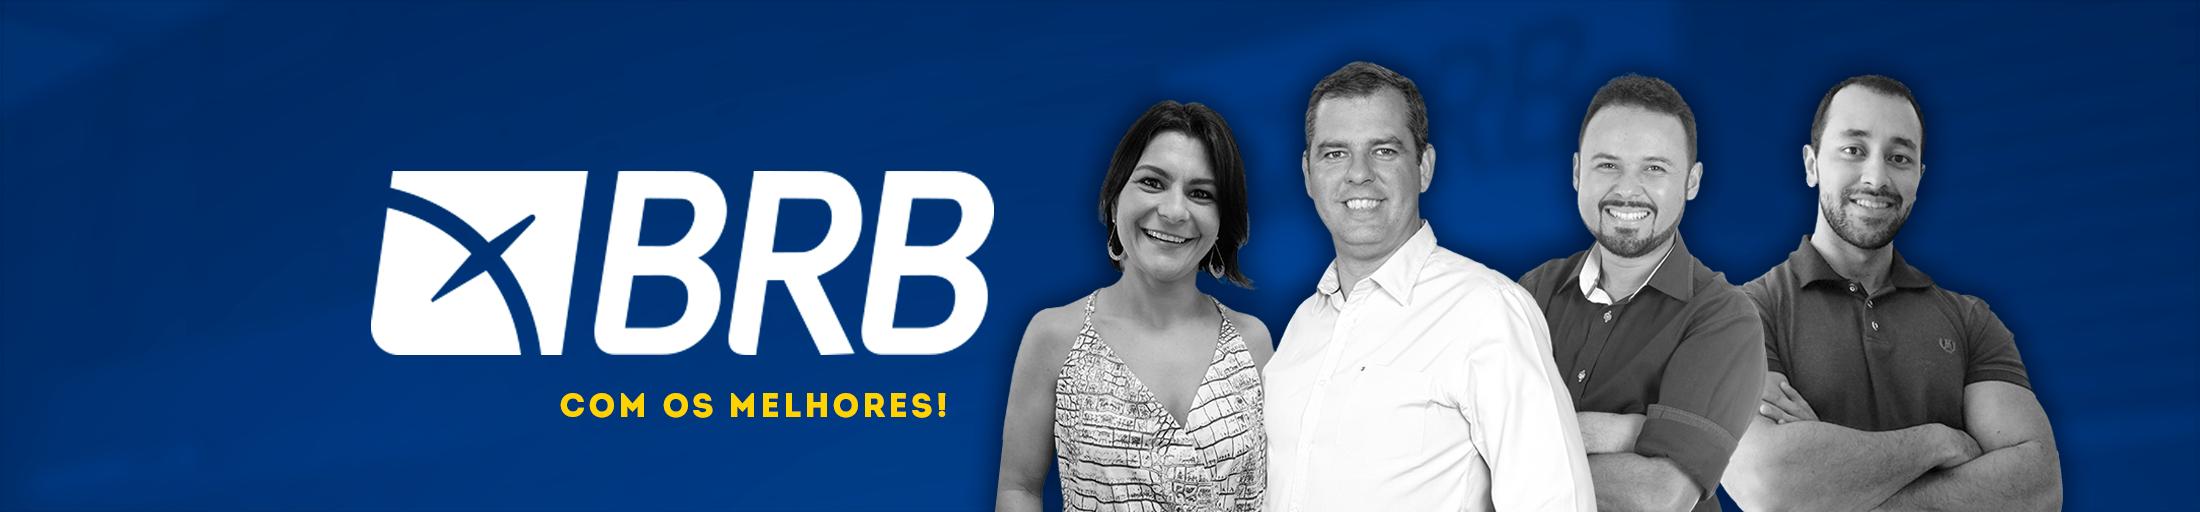 BRB-PROFESSORES